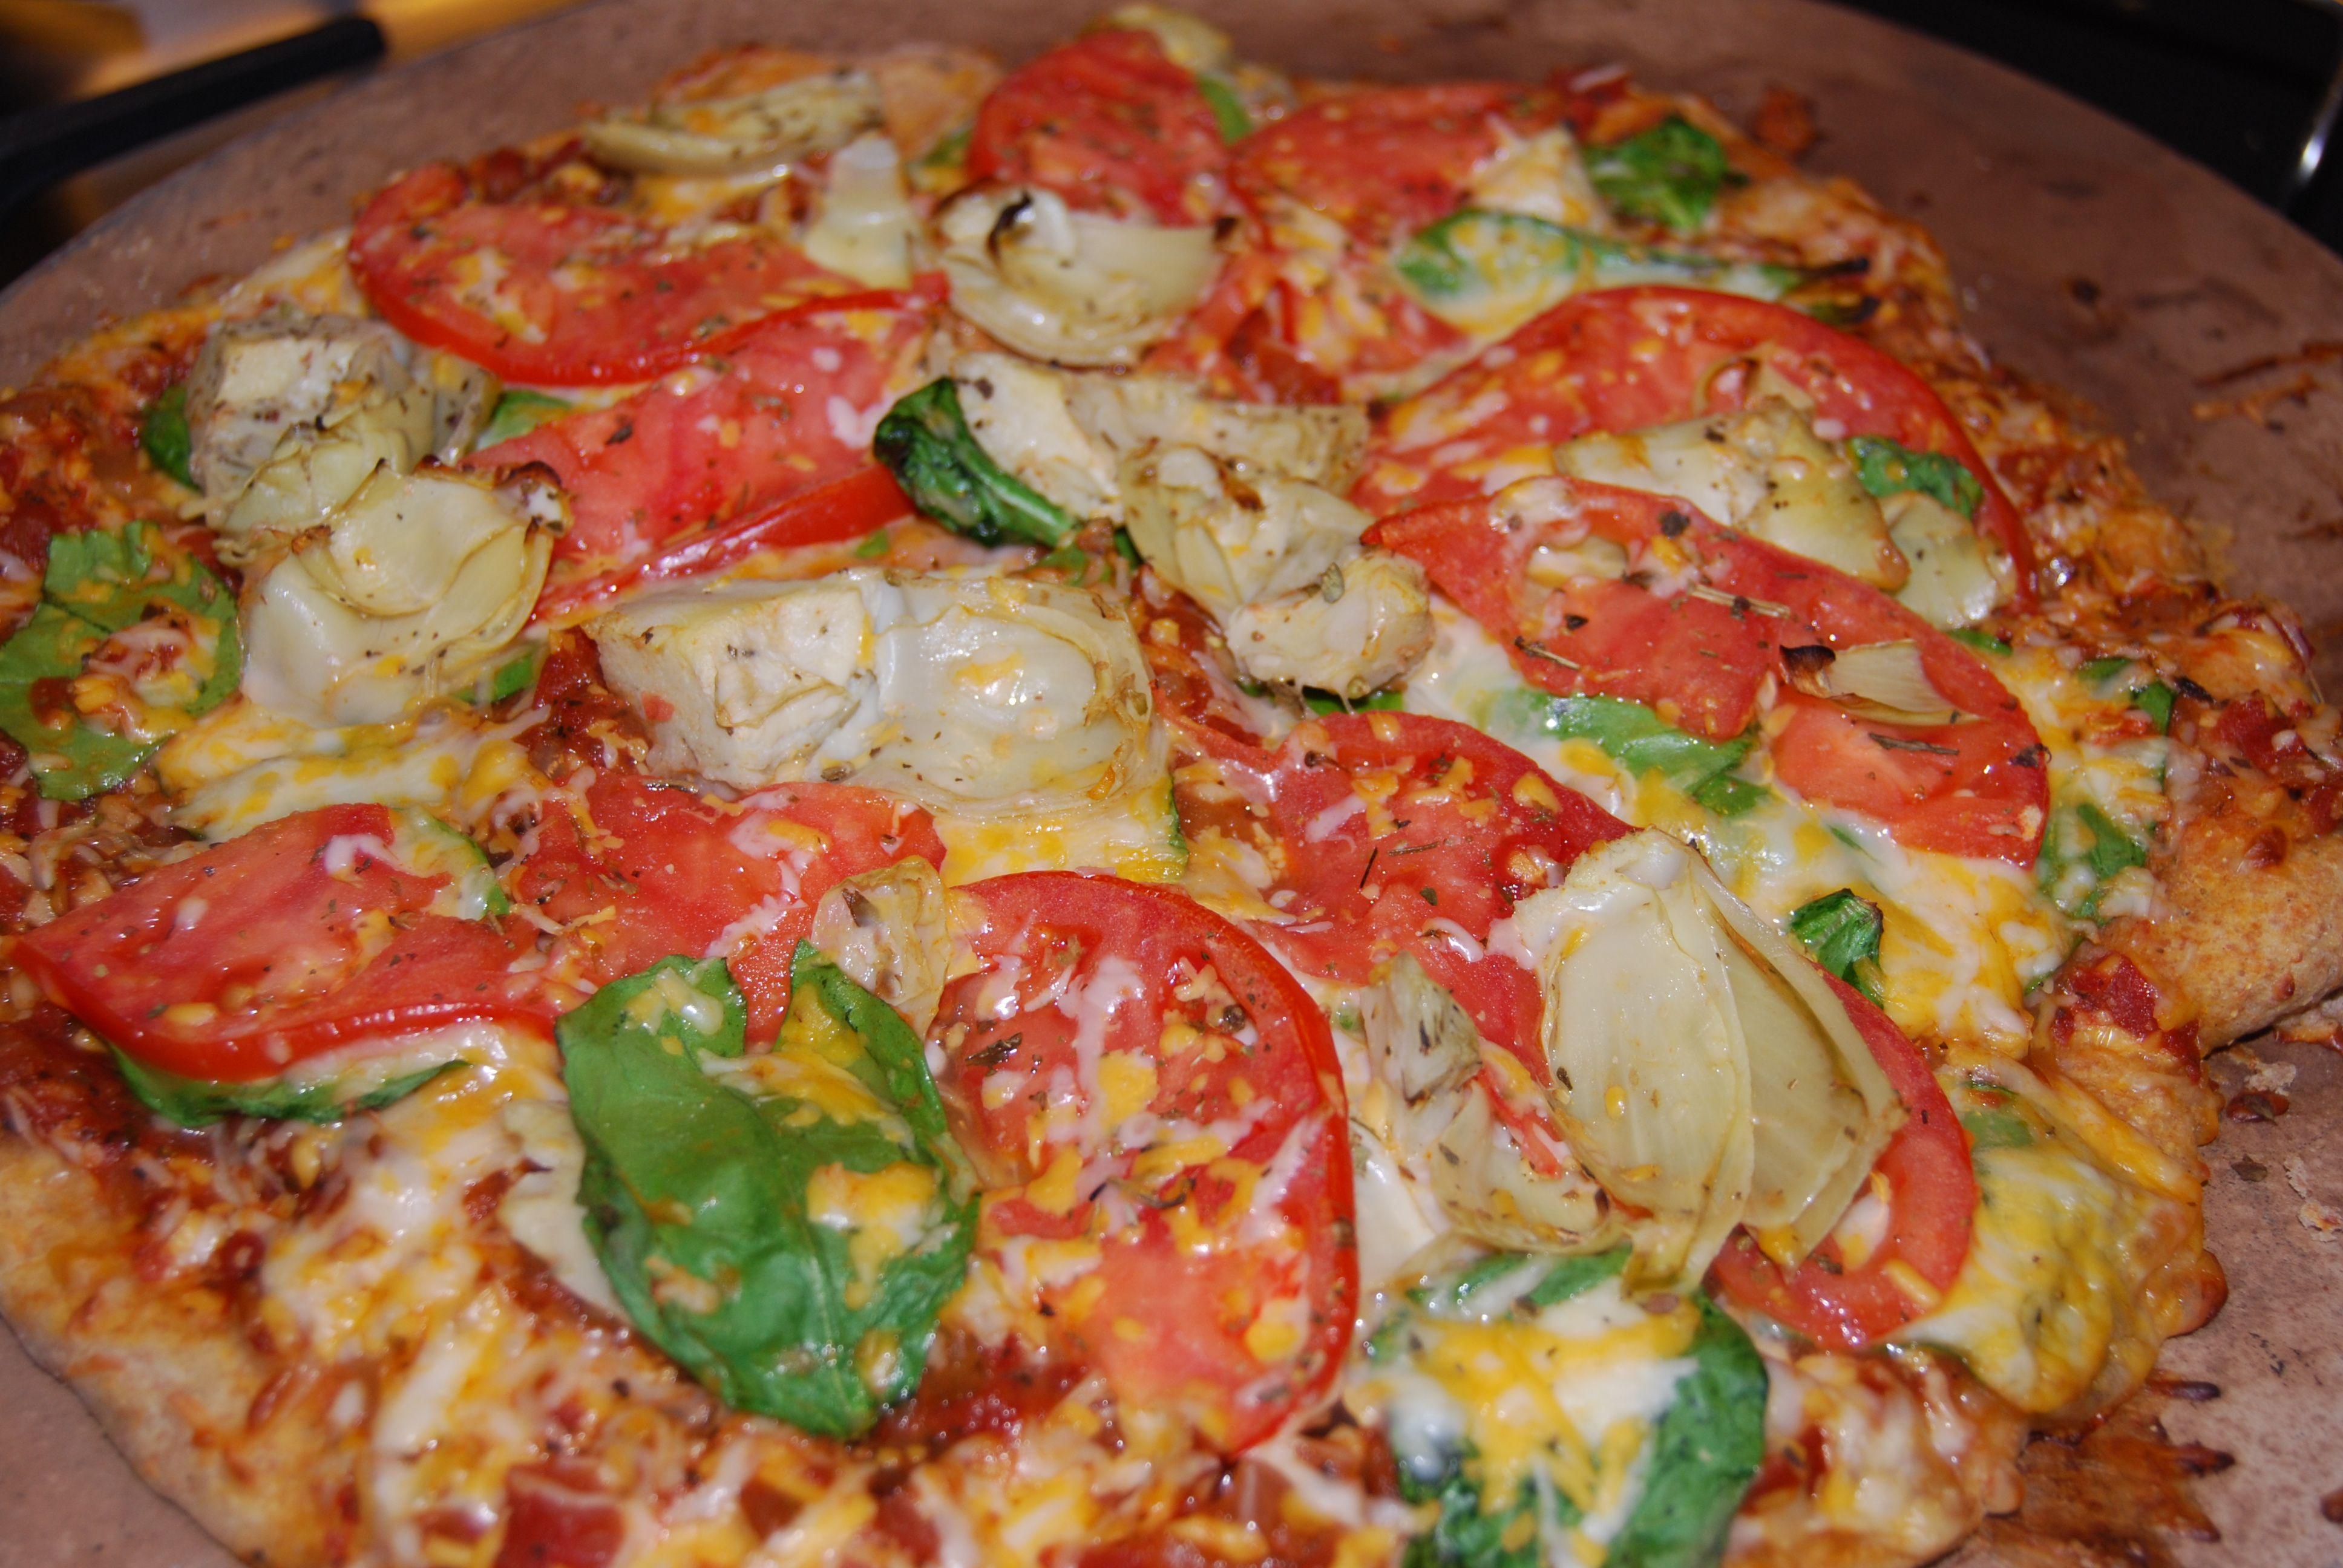 Spinach Tomato & Artichoke Pizza {Macaroni and Cheesecake}